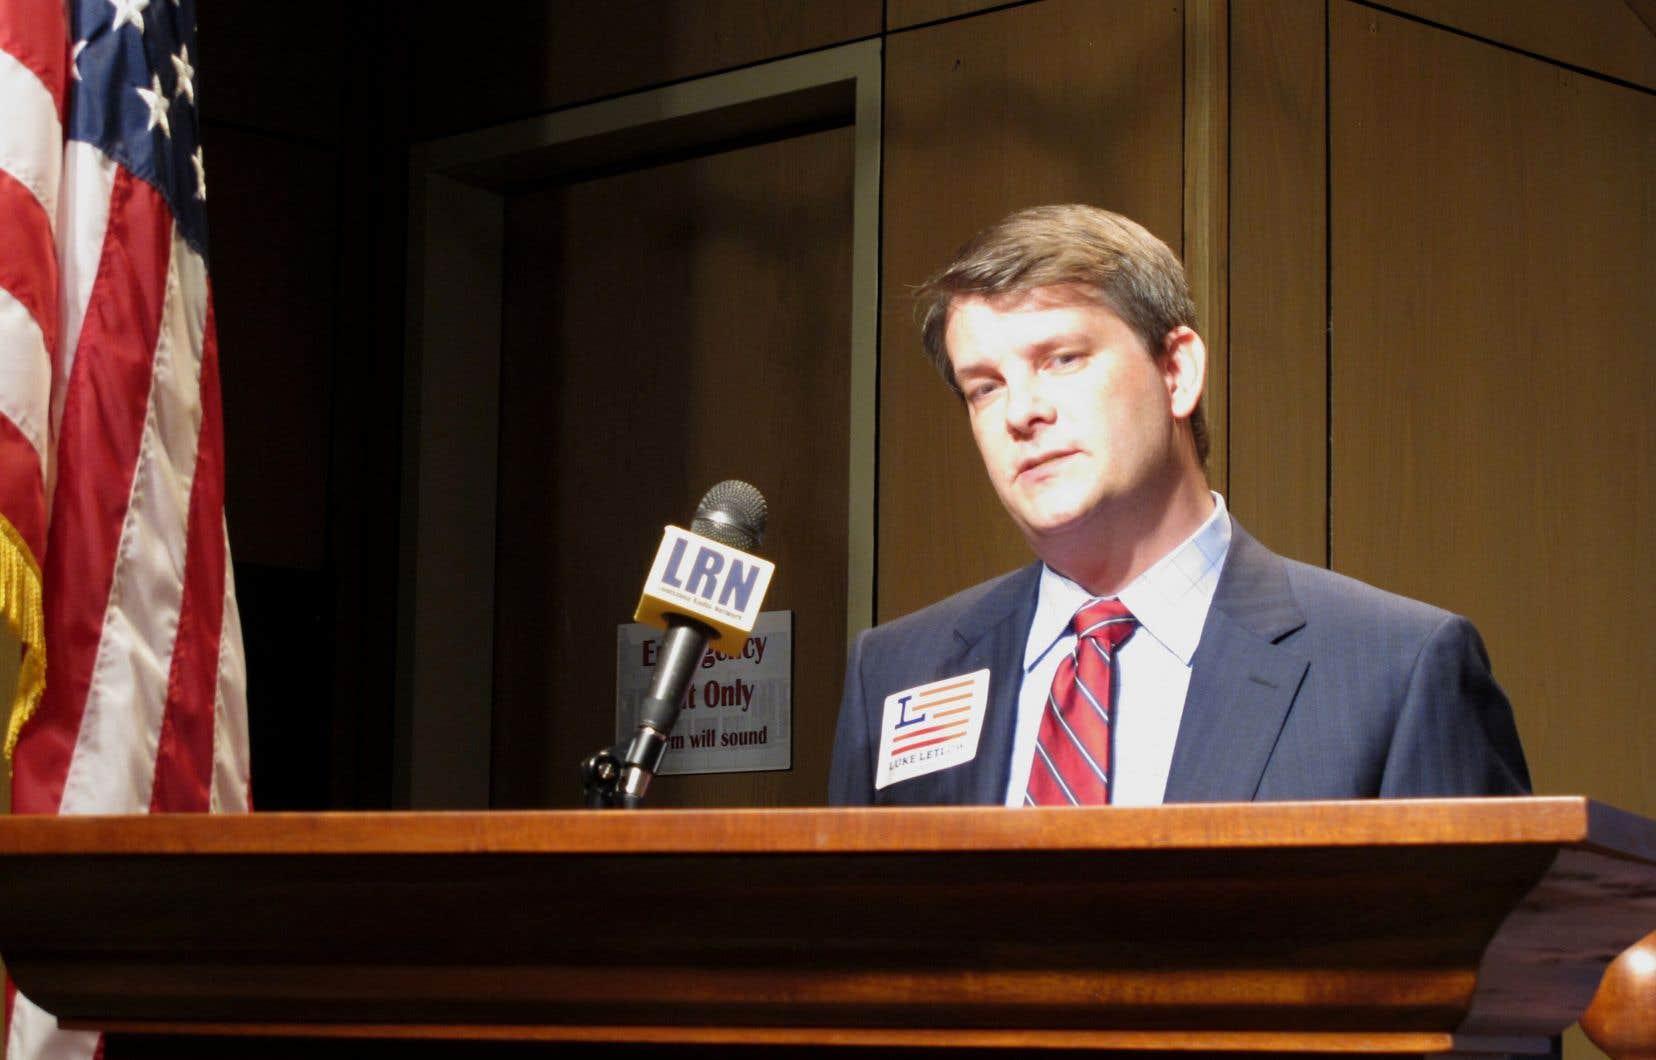 Le républicain Luke Letlow, âgé de 41 ans, avait été élu dans le 5e district de la Louisiane.